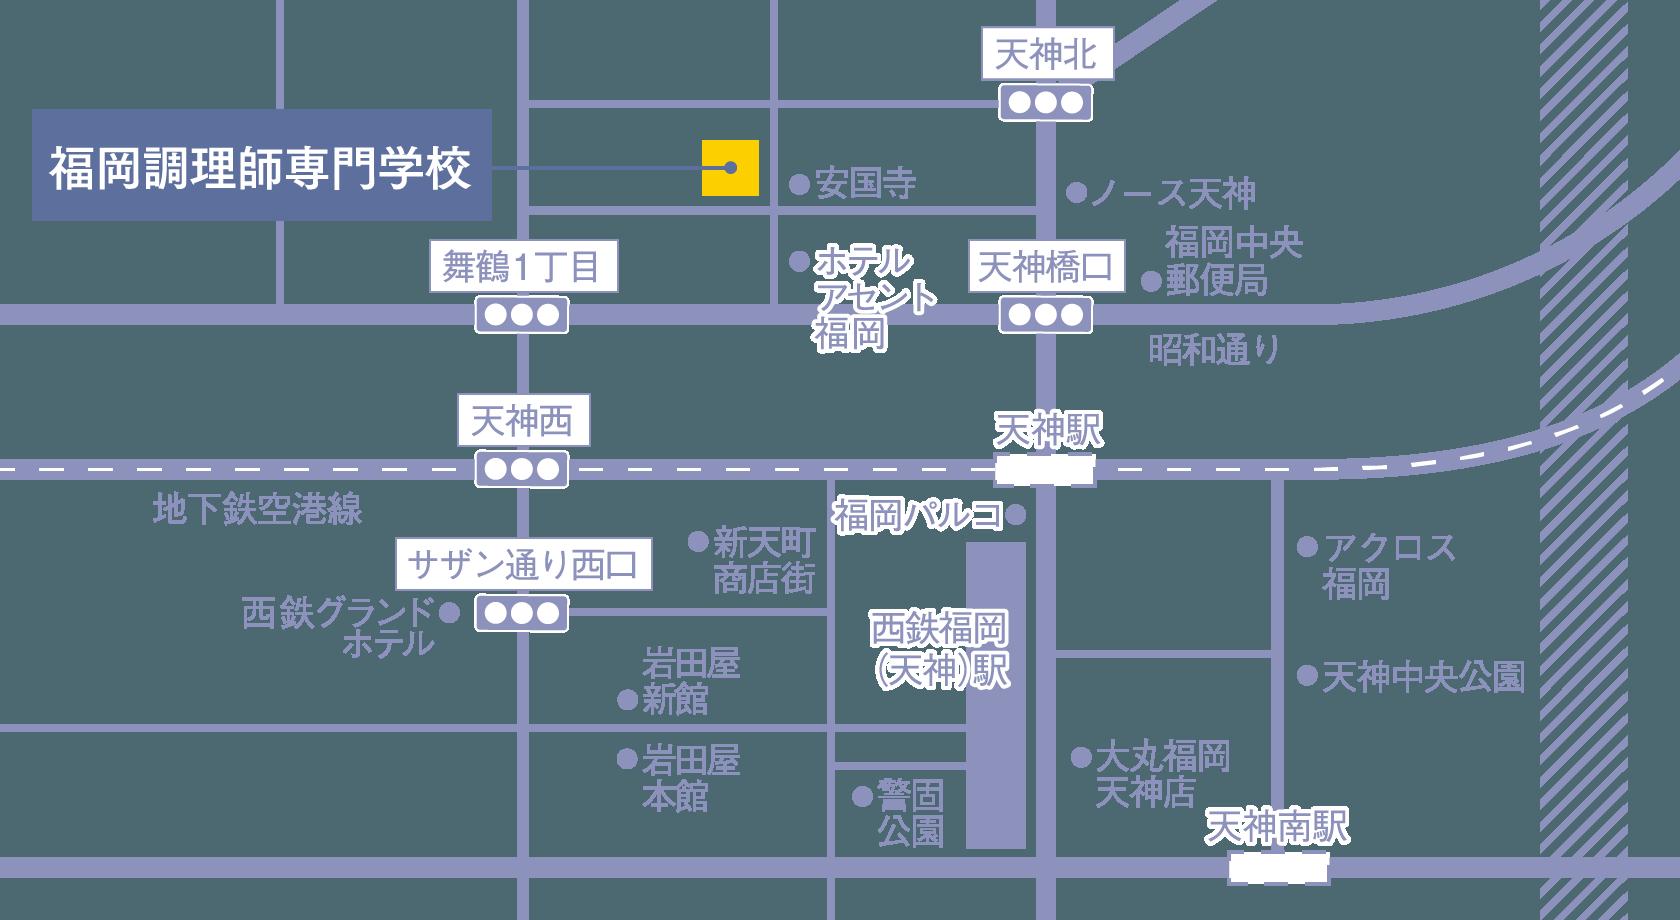 福岡調理師専門学校までのアクセス